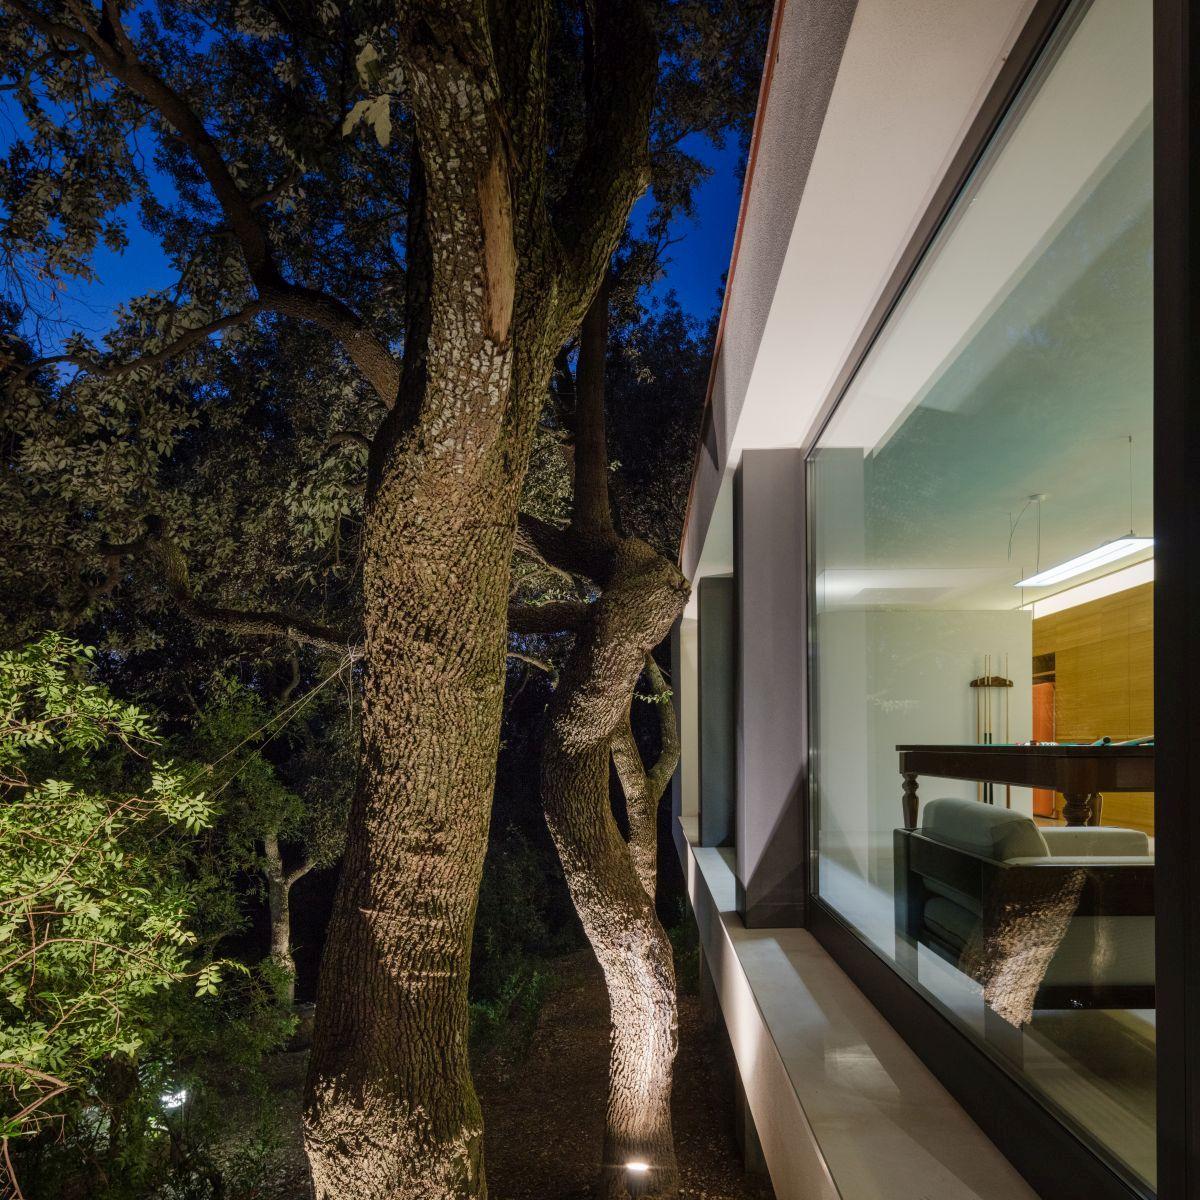 Casa nel Bosco trees illuminated at night